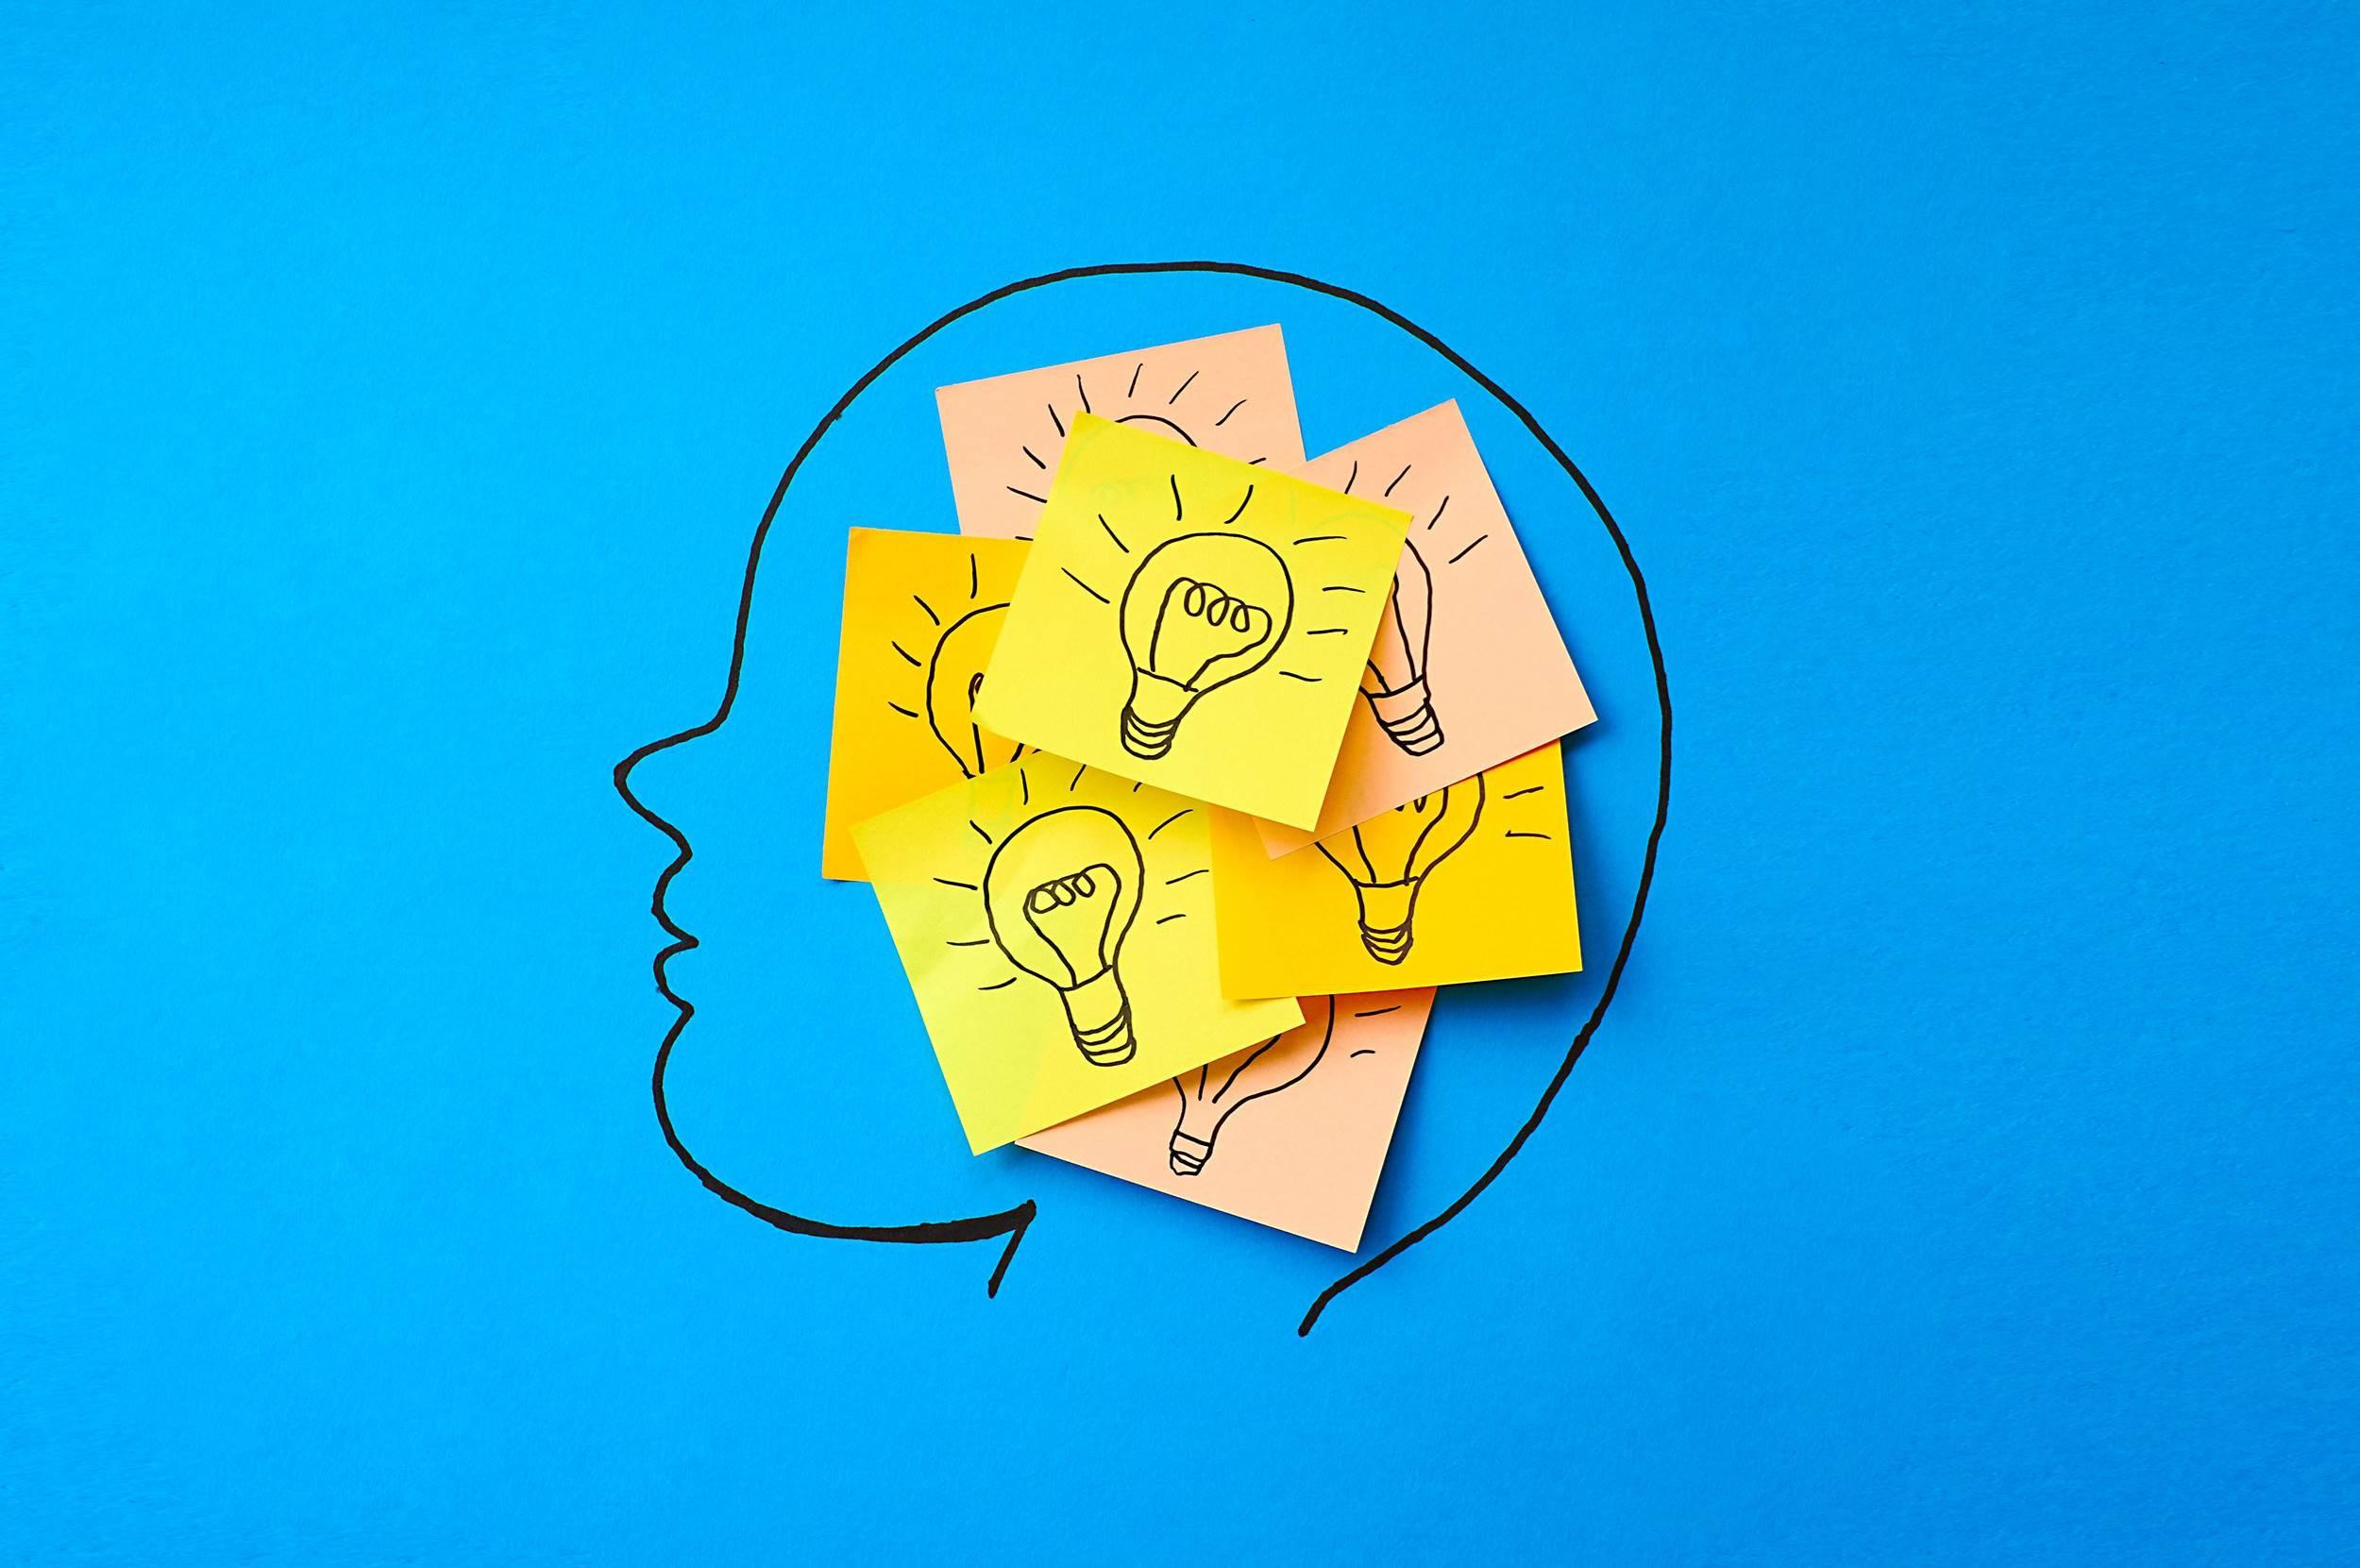 كان يُعتقد سابقاً أن الوقت الذي يحتاجه الدماغ لحفظ الكلمات الجديدة يمكن أن يصل إلى يوم واحد